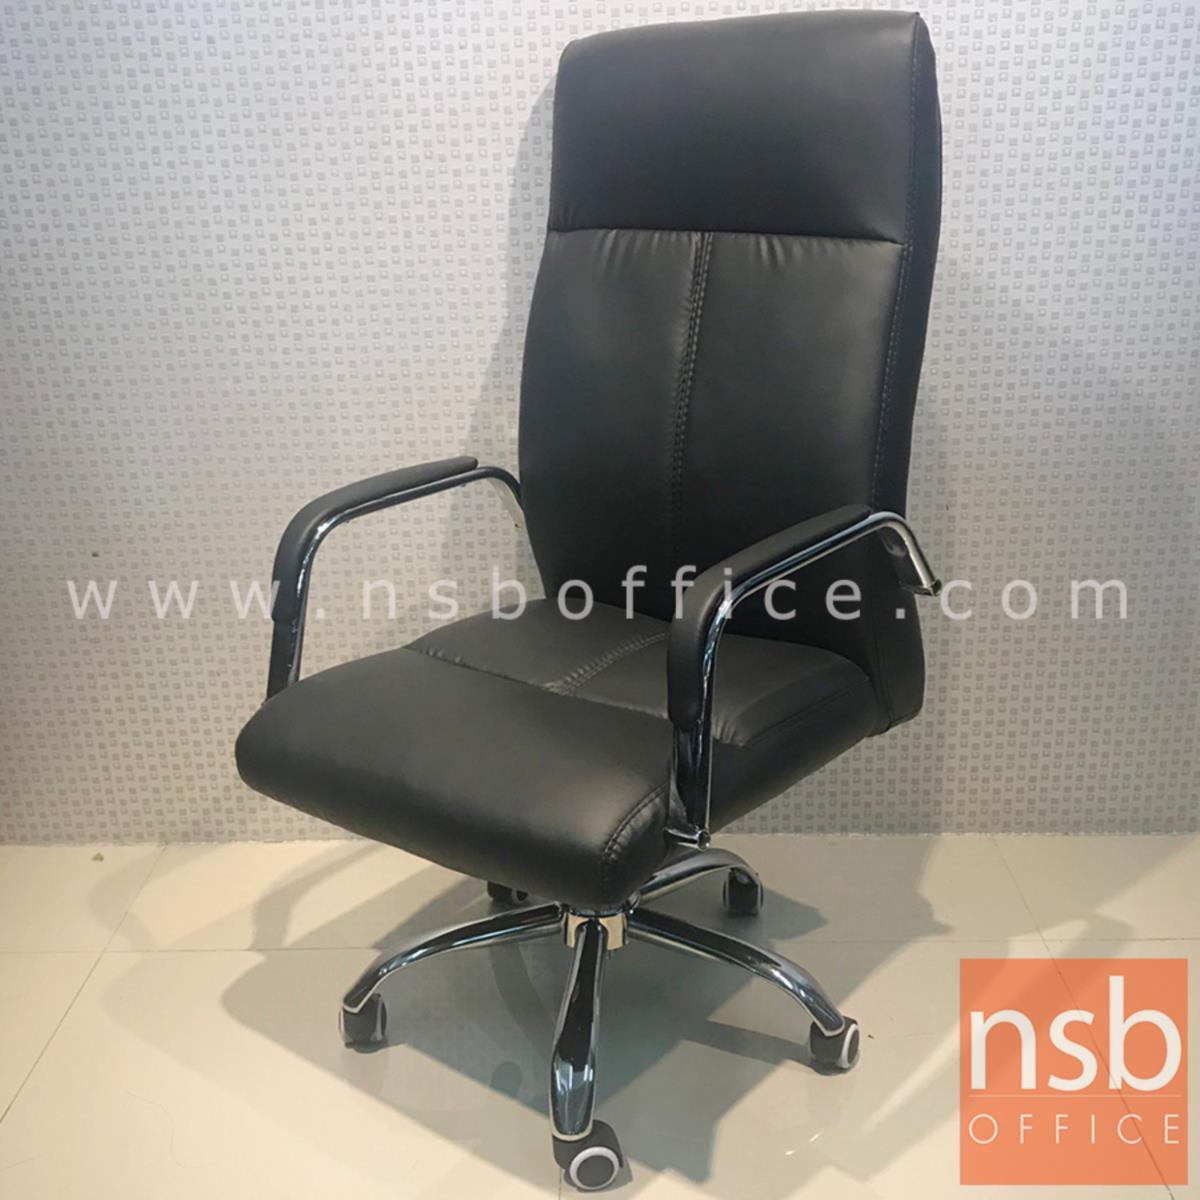 เก้าอี้ผู้บริหาร รุ่น Swank (สแวงก์)  มีก้อนโยก ขาเหล็กชุบโครเมี่ยม